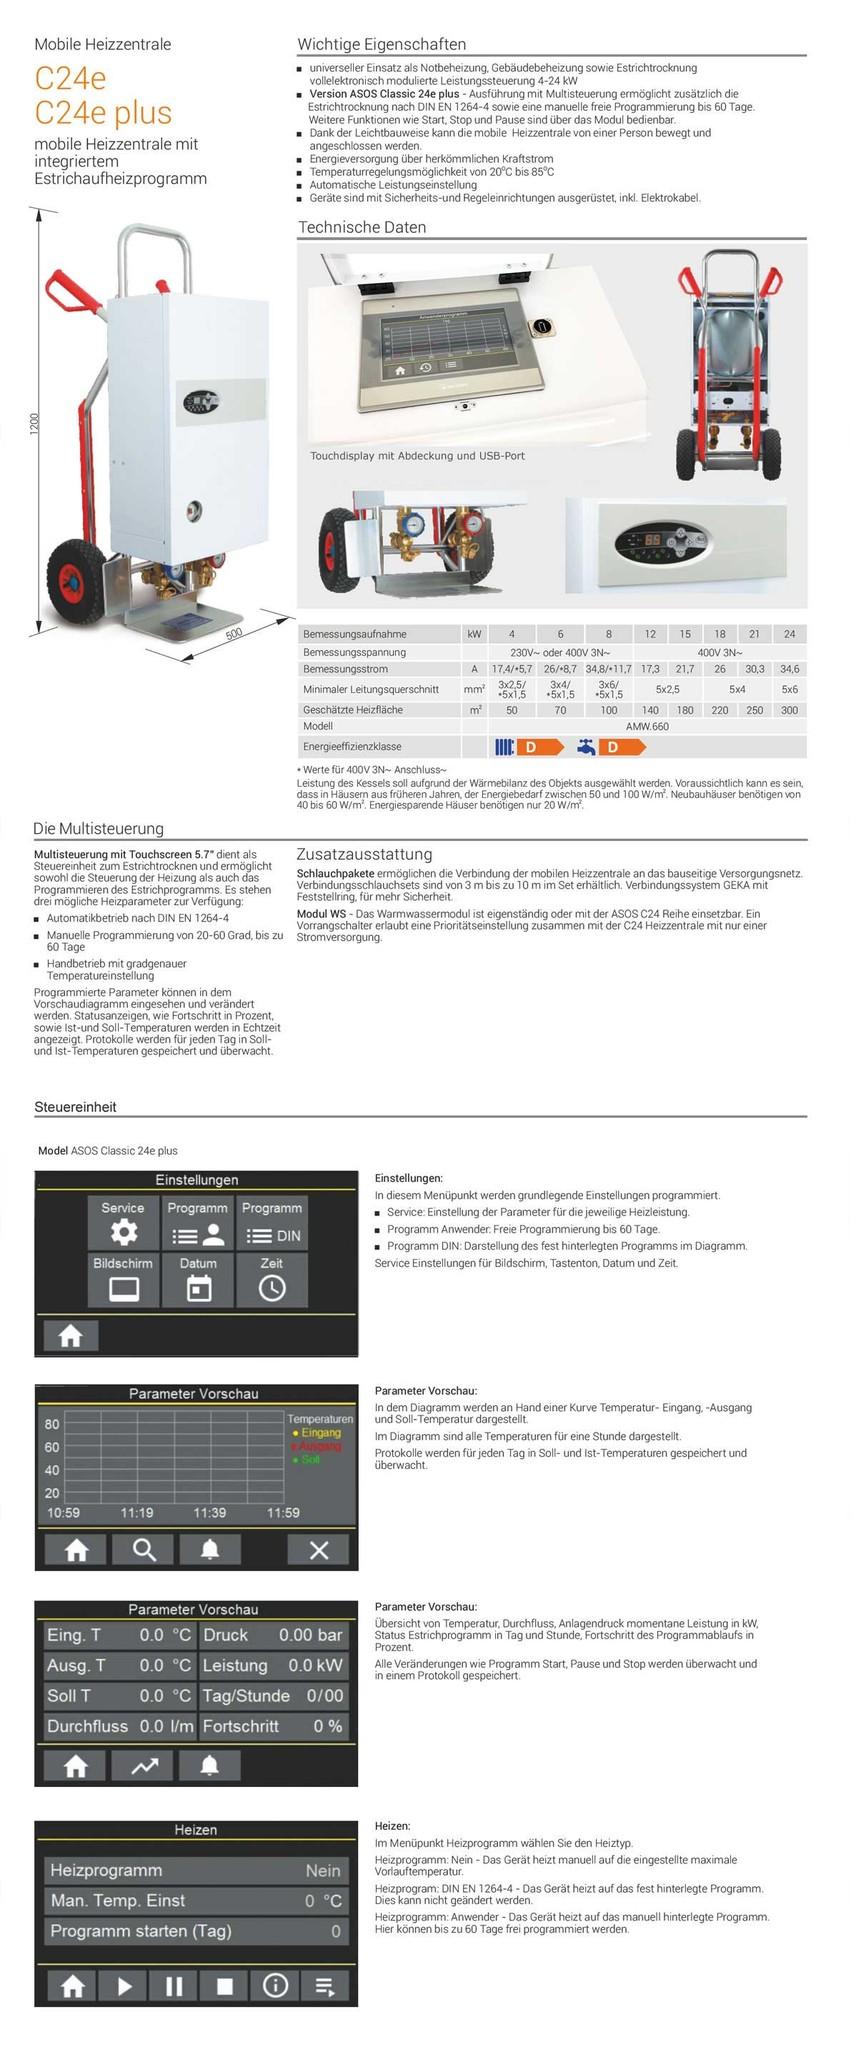 Datenblatt Mobile Heizzentrale C24eplus